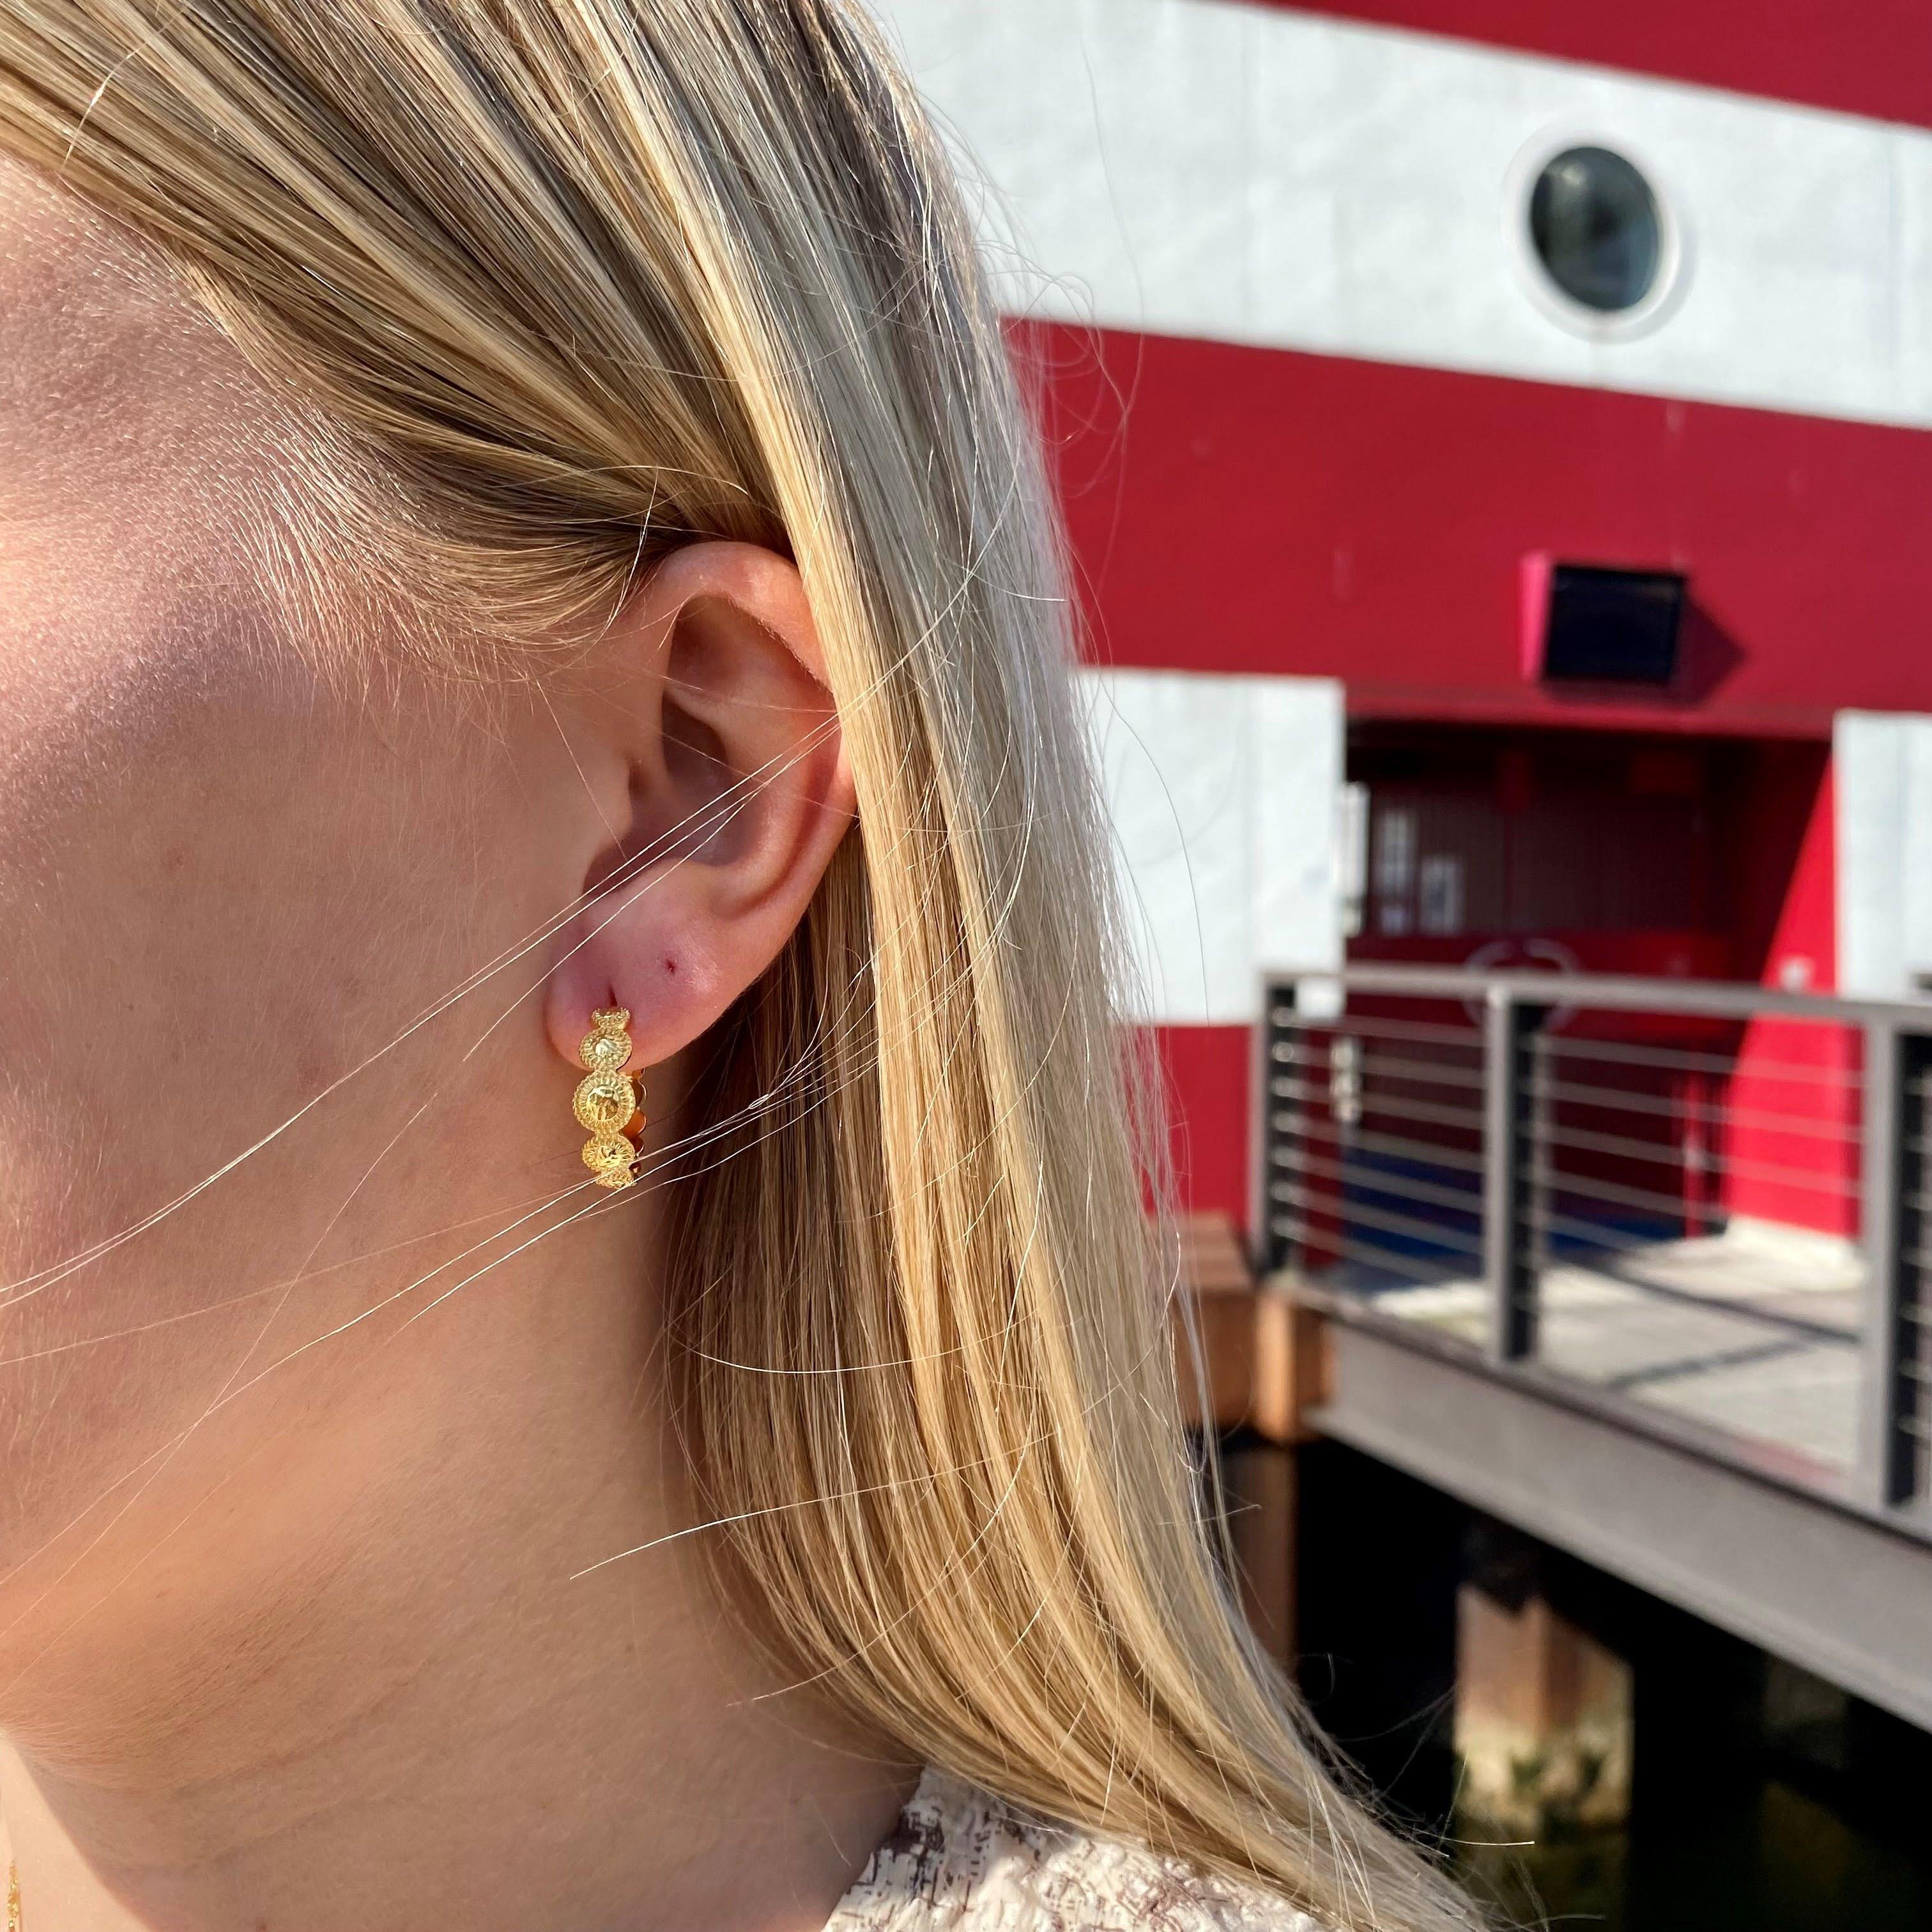 Tara Earrings von Maanesten in Vergoldet-Silber Sterling 925